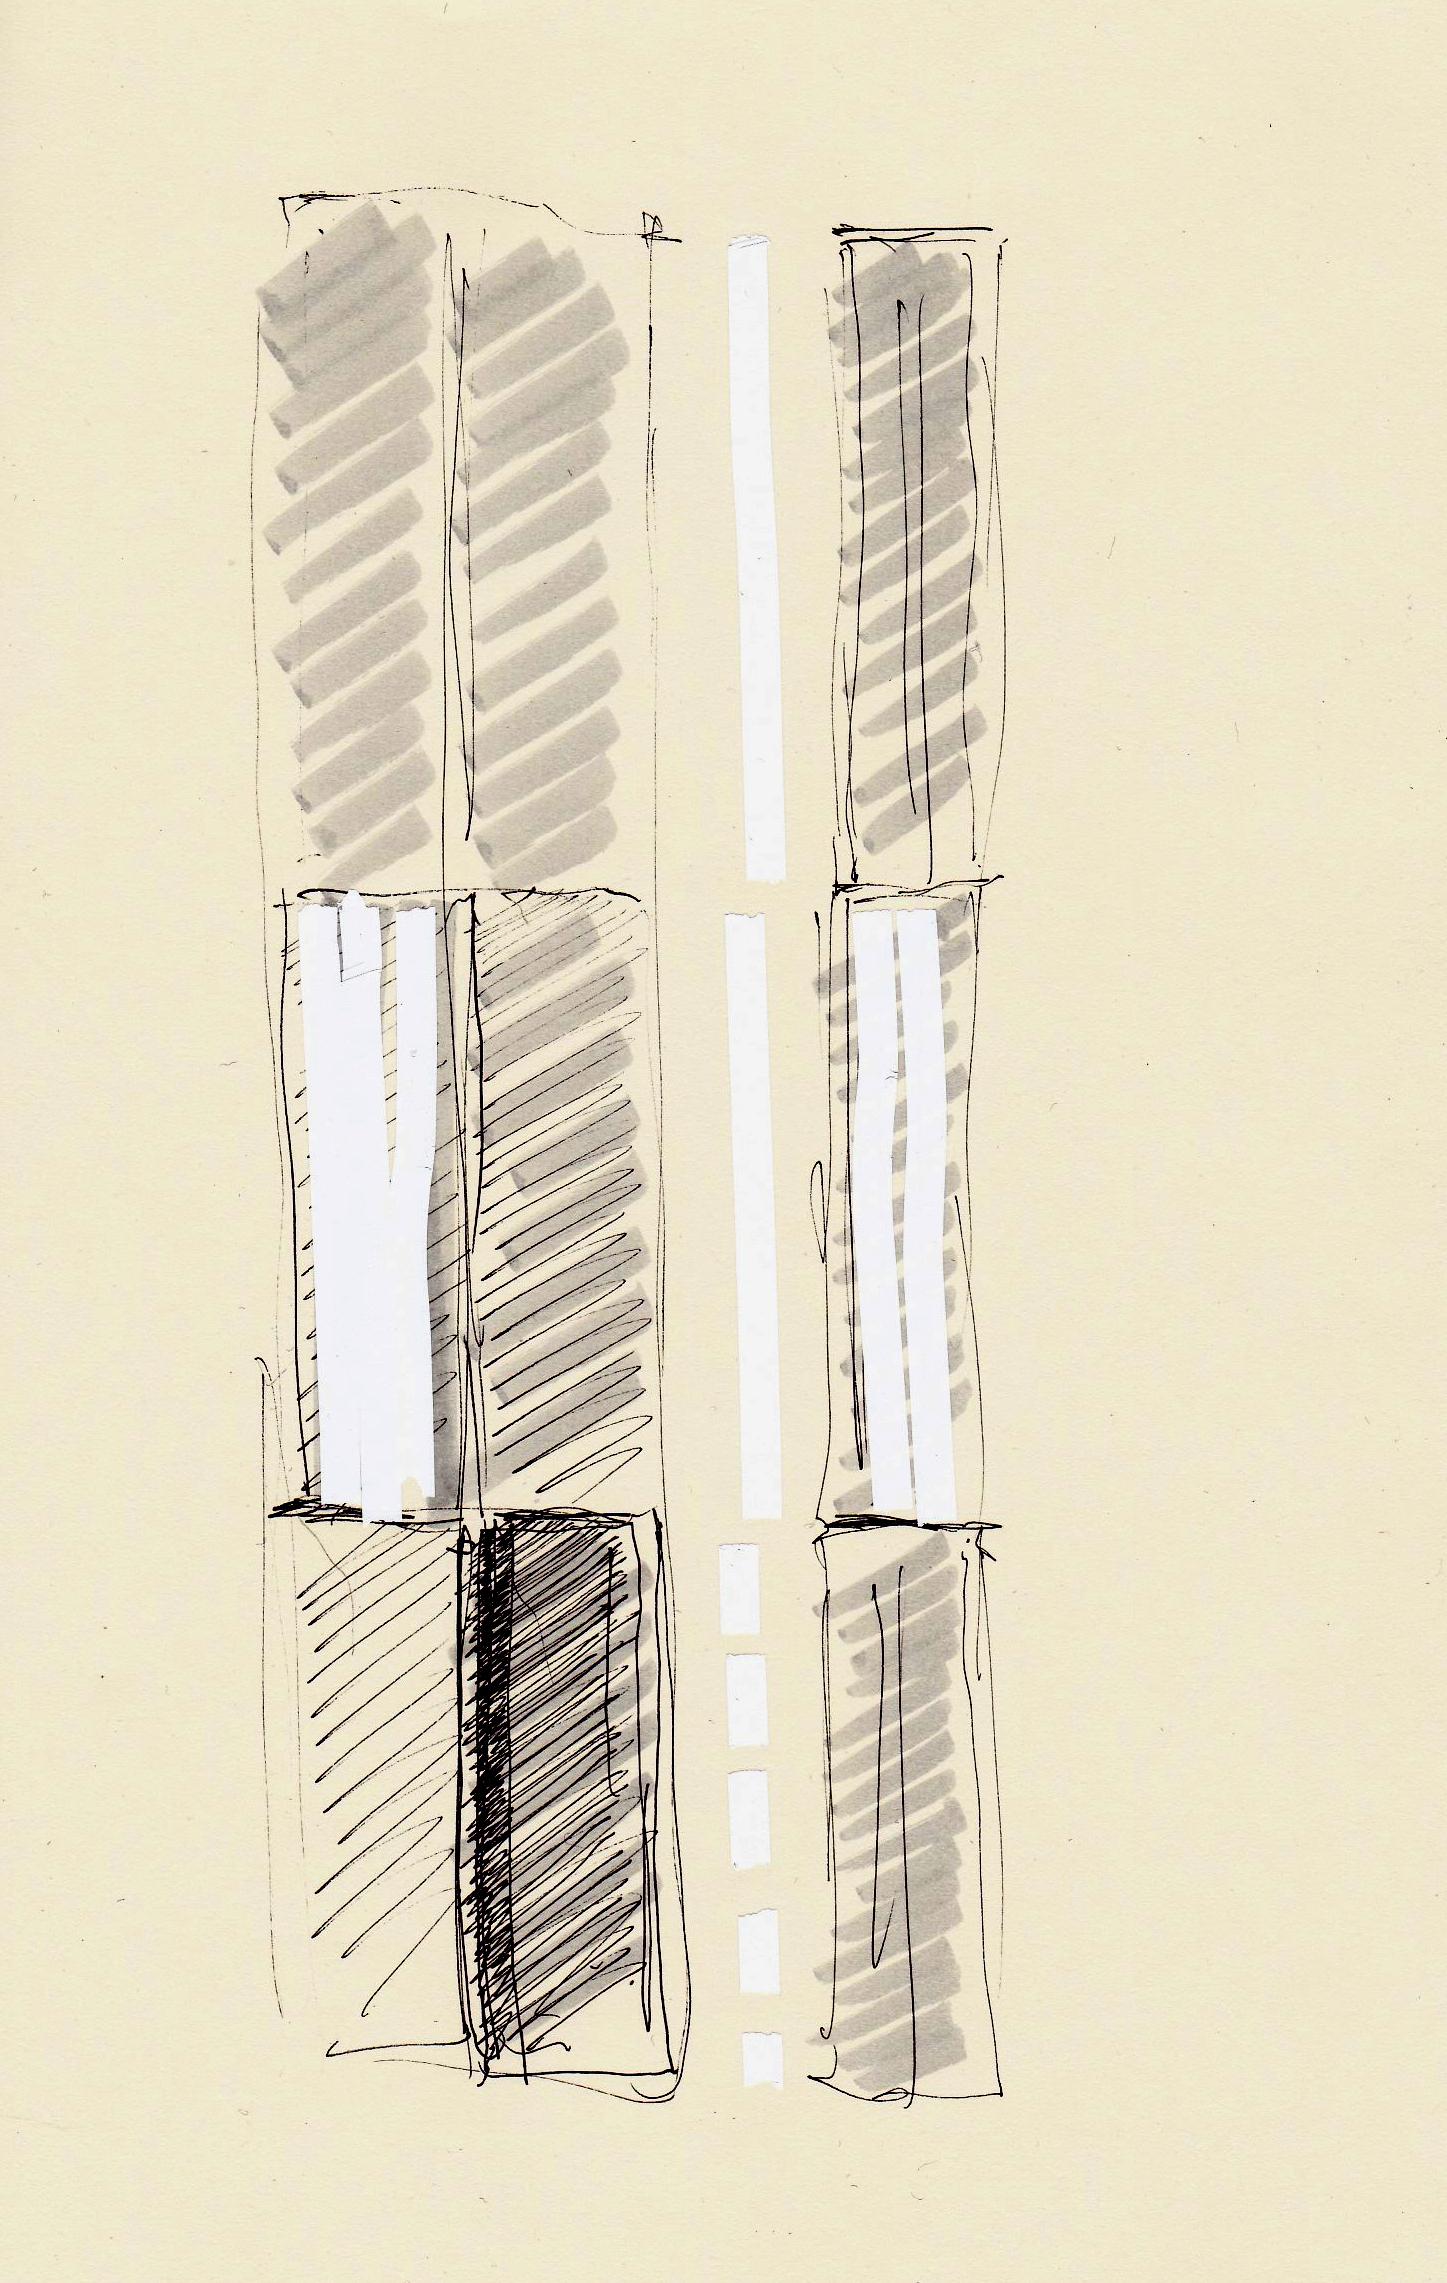 L. CHAOUAT Carnet 1.2 21x29 cm